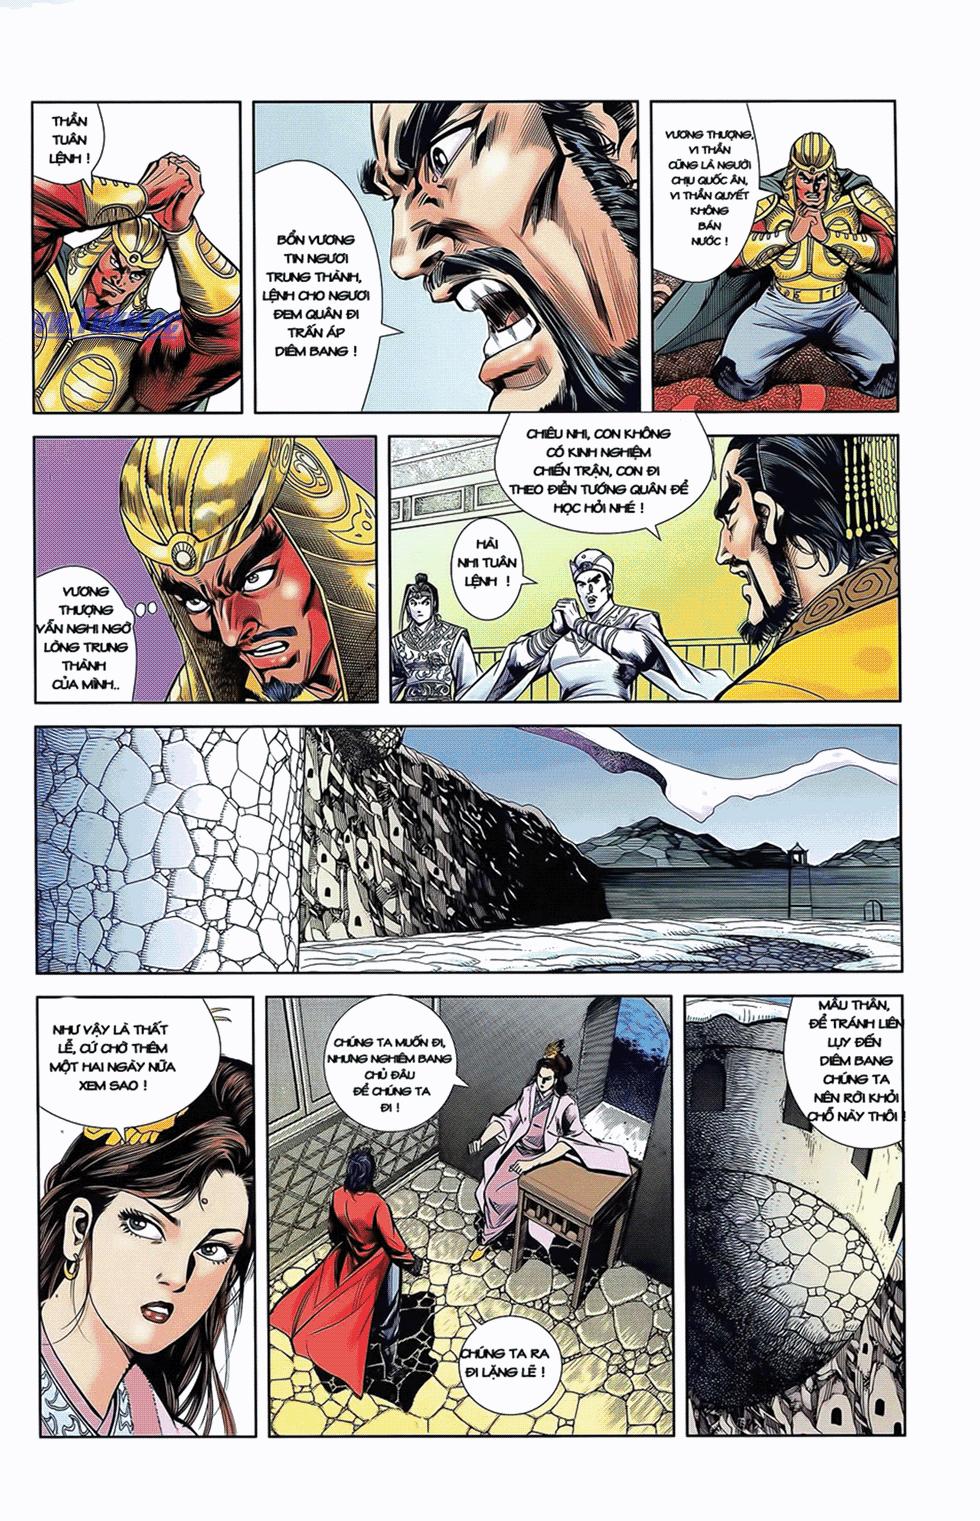 Tần Vương Doanh Chính chapter 8 trang 27